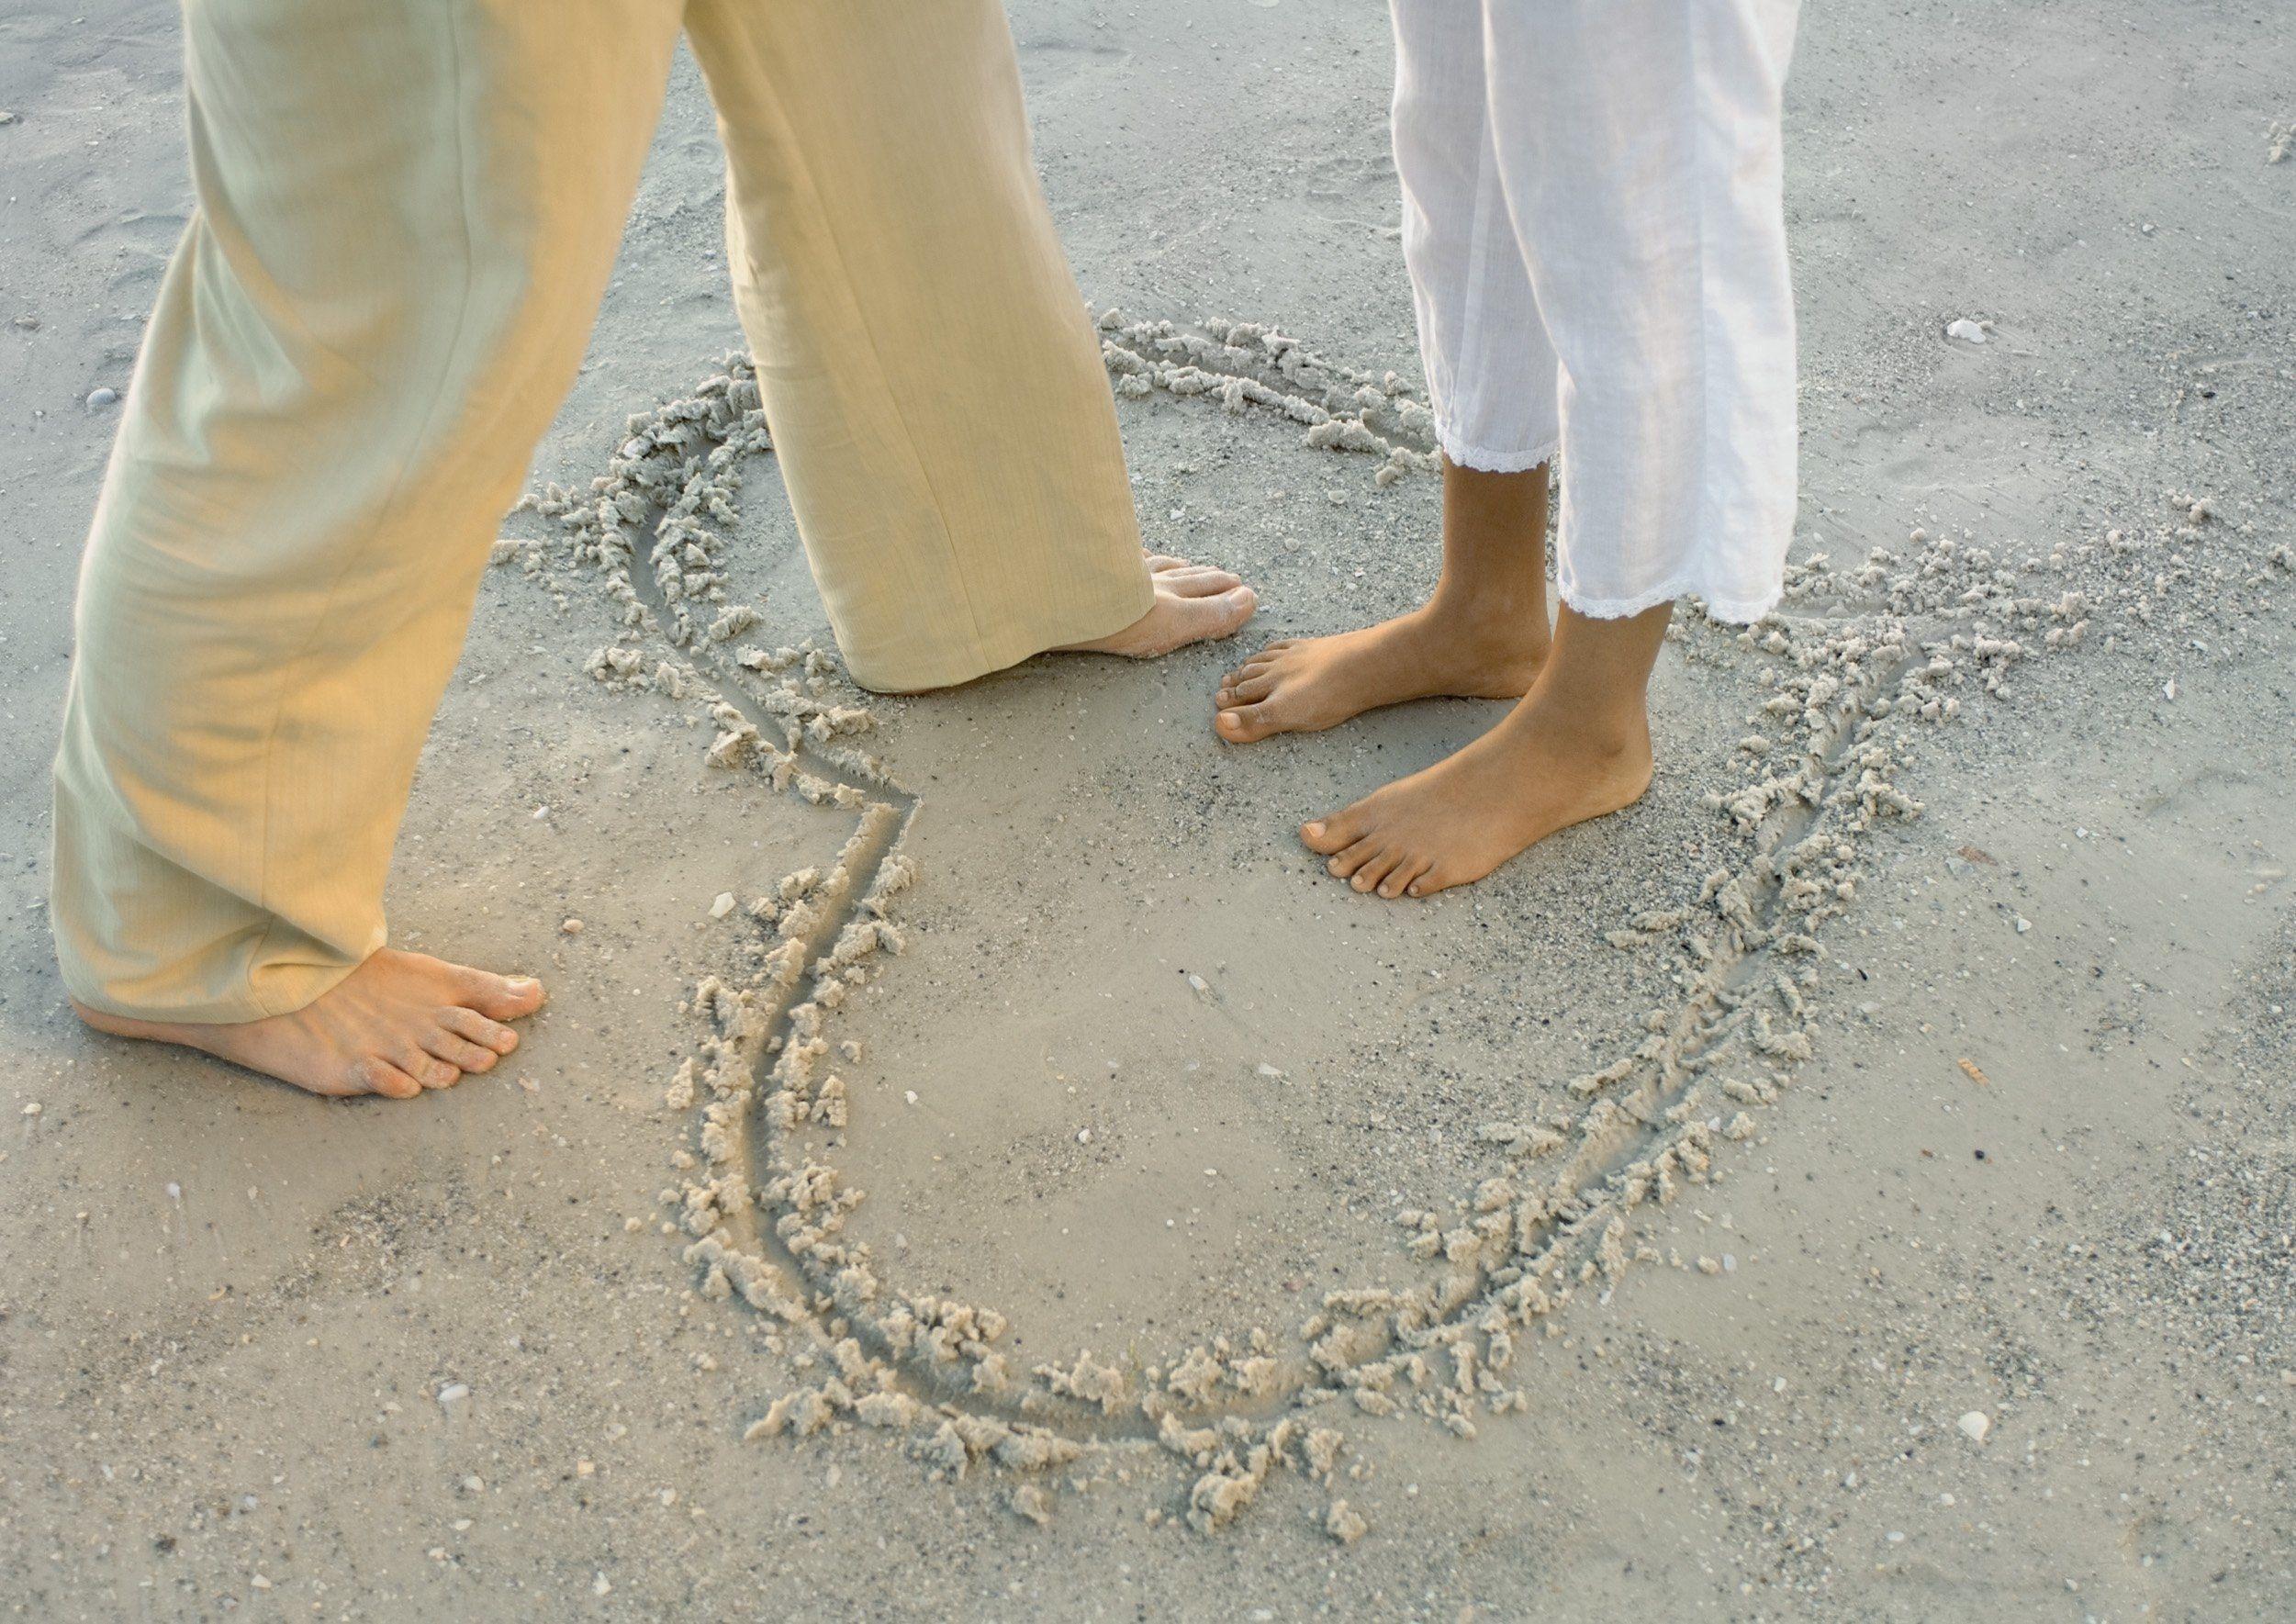 Mange unge mænd vil ikke stå ved, at de faktisk i Guds øjne er lige så skyldige som den kvinde, de har haft sex med, uden at være gift med, skriver muslimsk forfatter og foredragsholder Aminah Tønnsen